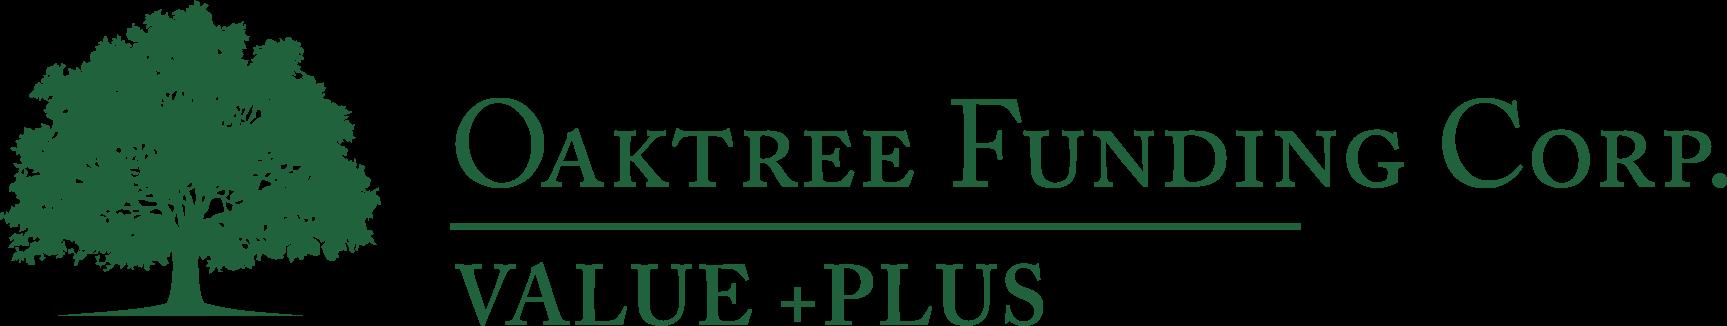 Oaktree Funding Corp